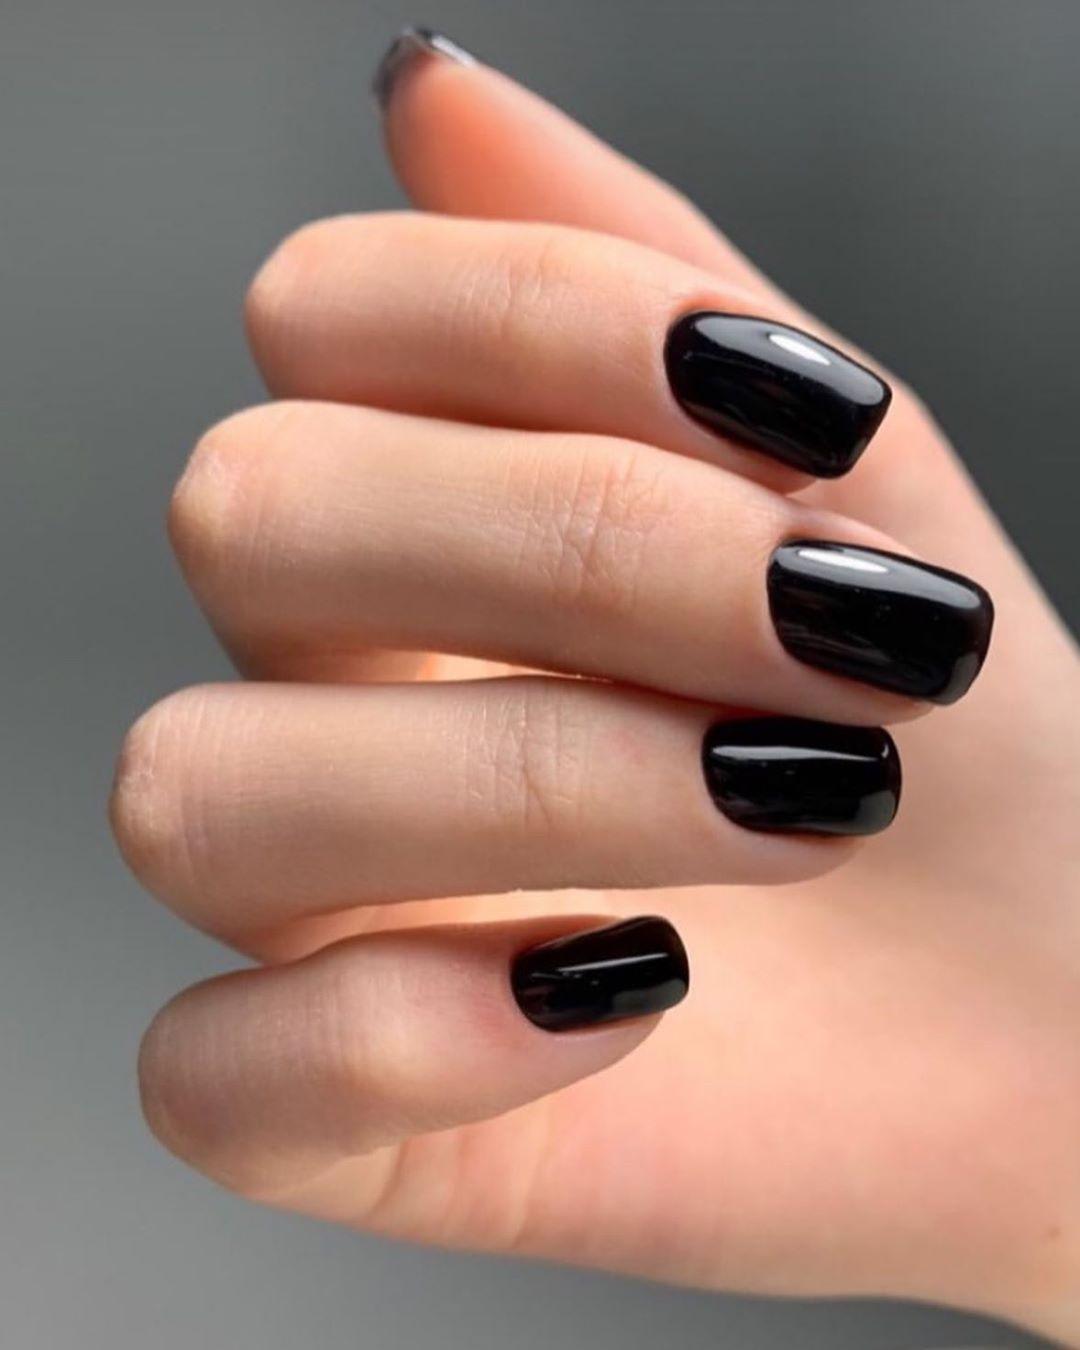 Beauty Studio In Prague On Instagram Manikura Gel Lak 550 Kc Manikura Gelove Nehty 850 Kc In 2020 Nails Beauty